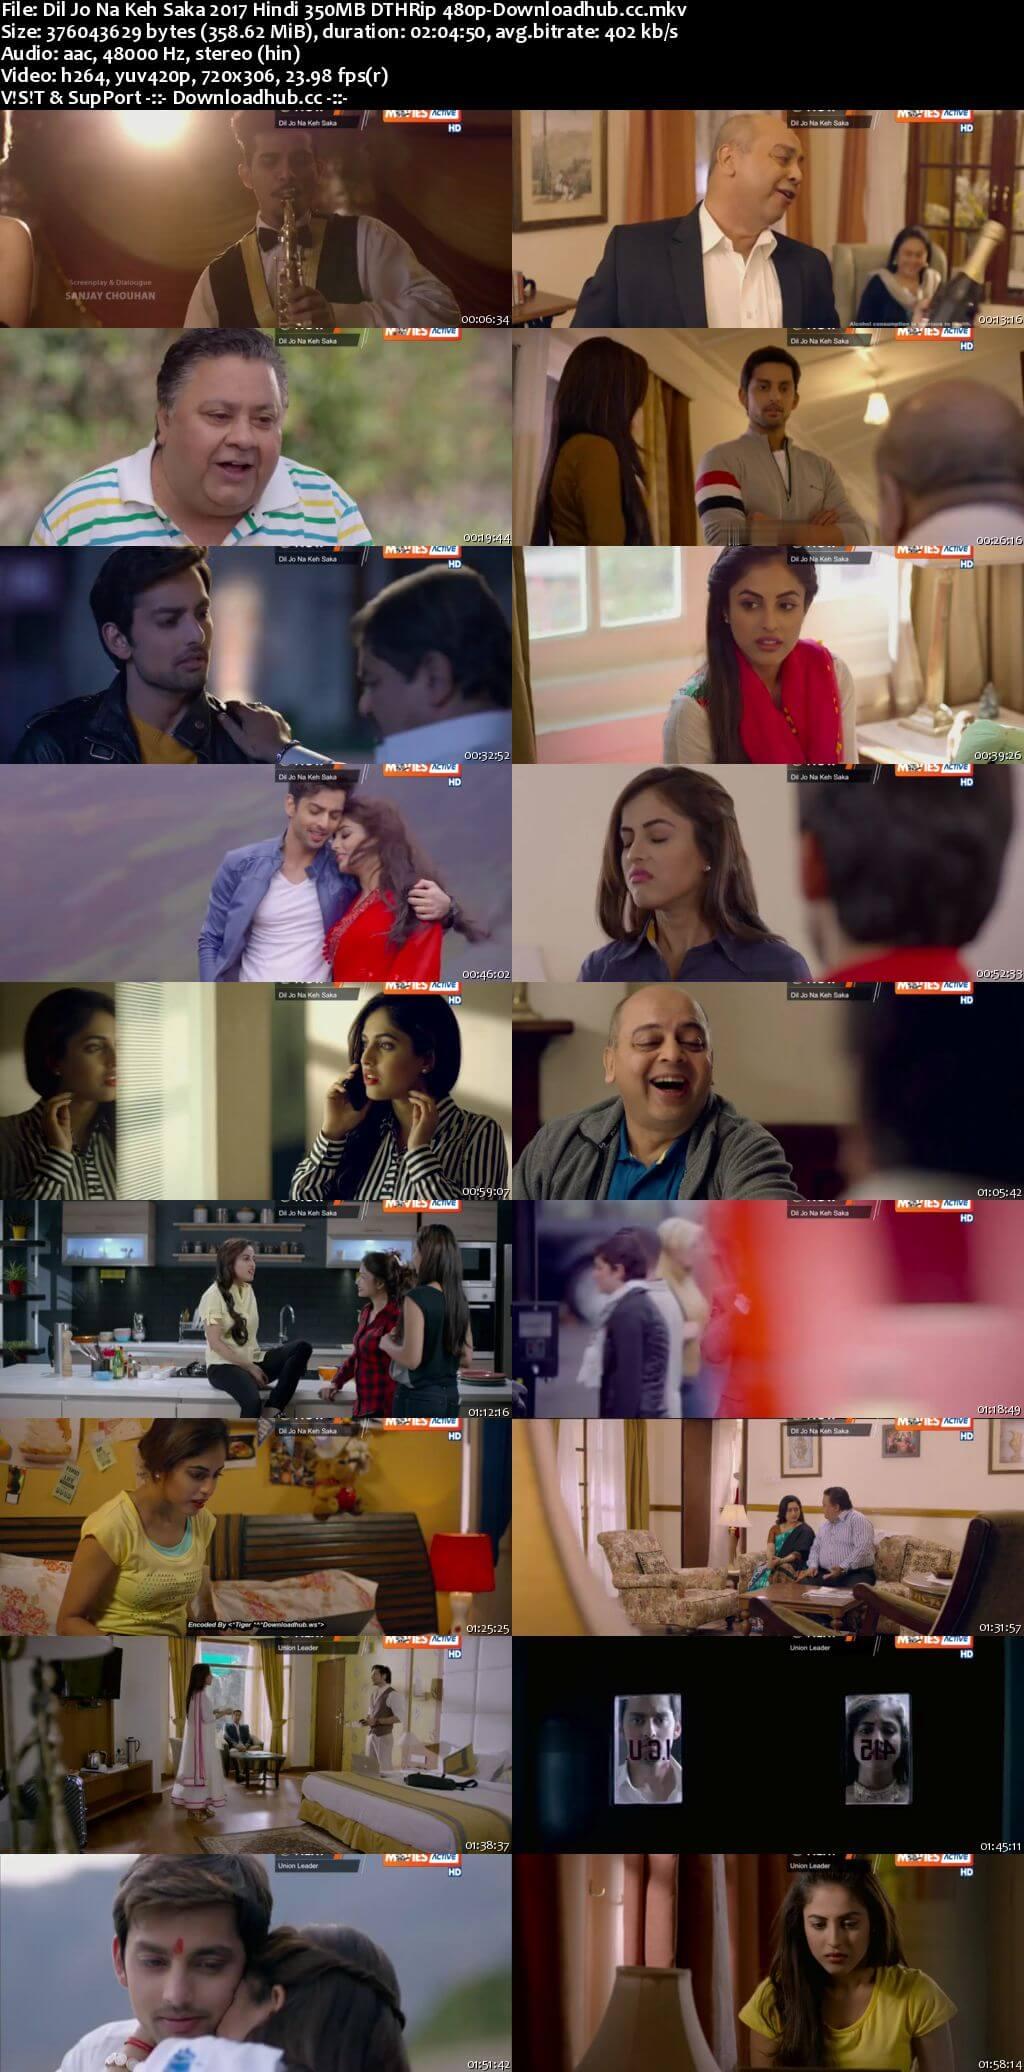 Dil Jo Na Keh Saka 2017 Hindi 350MB DTHRip 480p